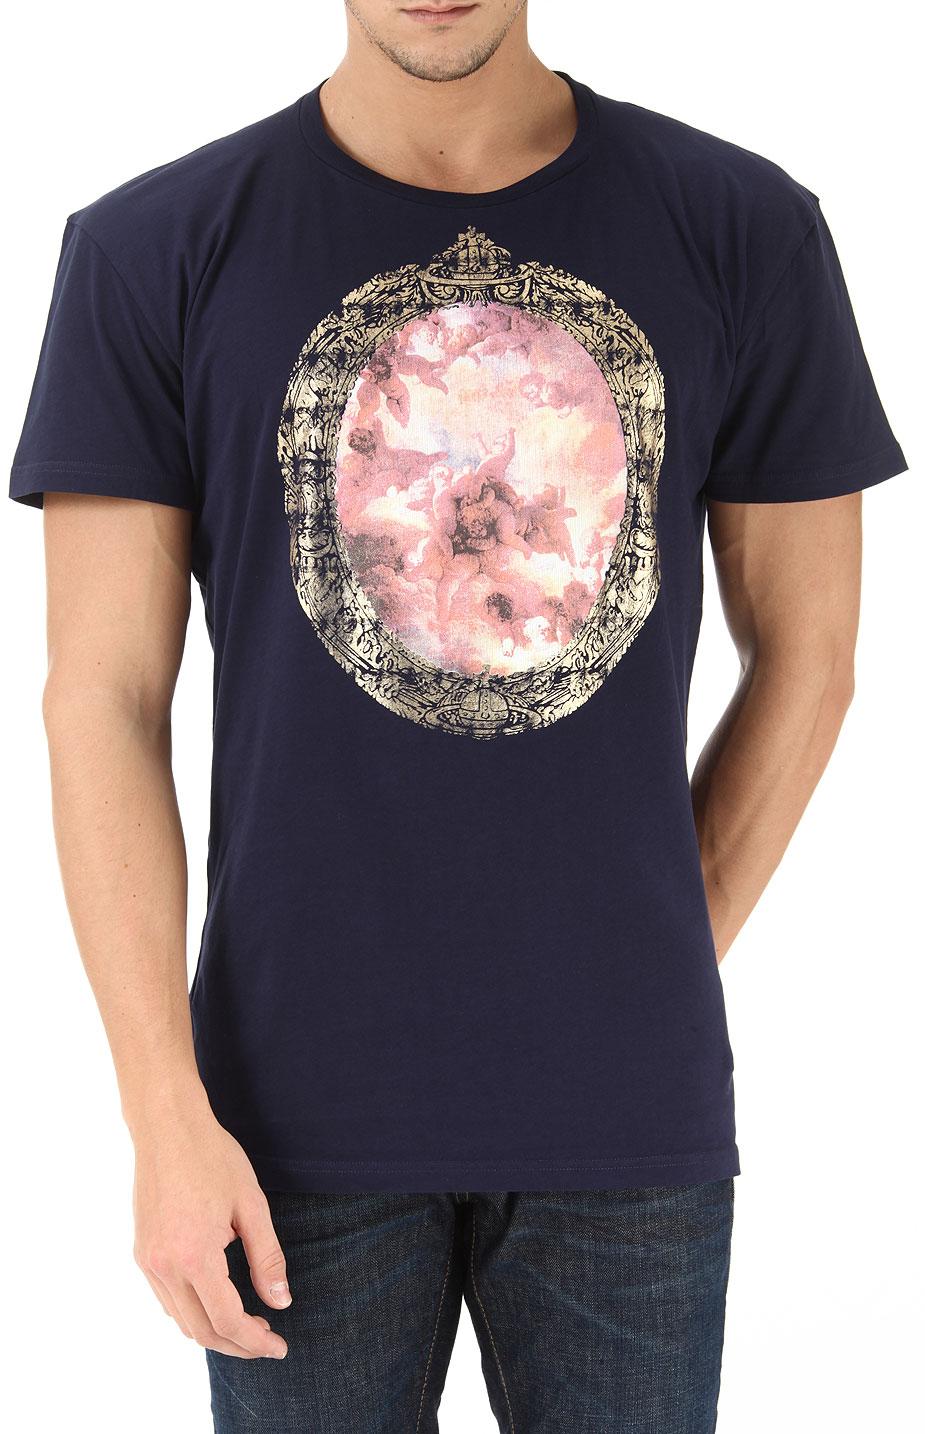 Abbigliamento Uomo Vivienne Westwood, Codice Articolo: s25gc0310-s22492-524